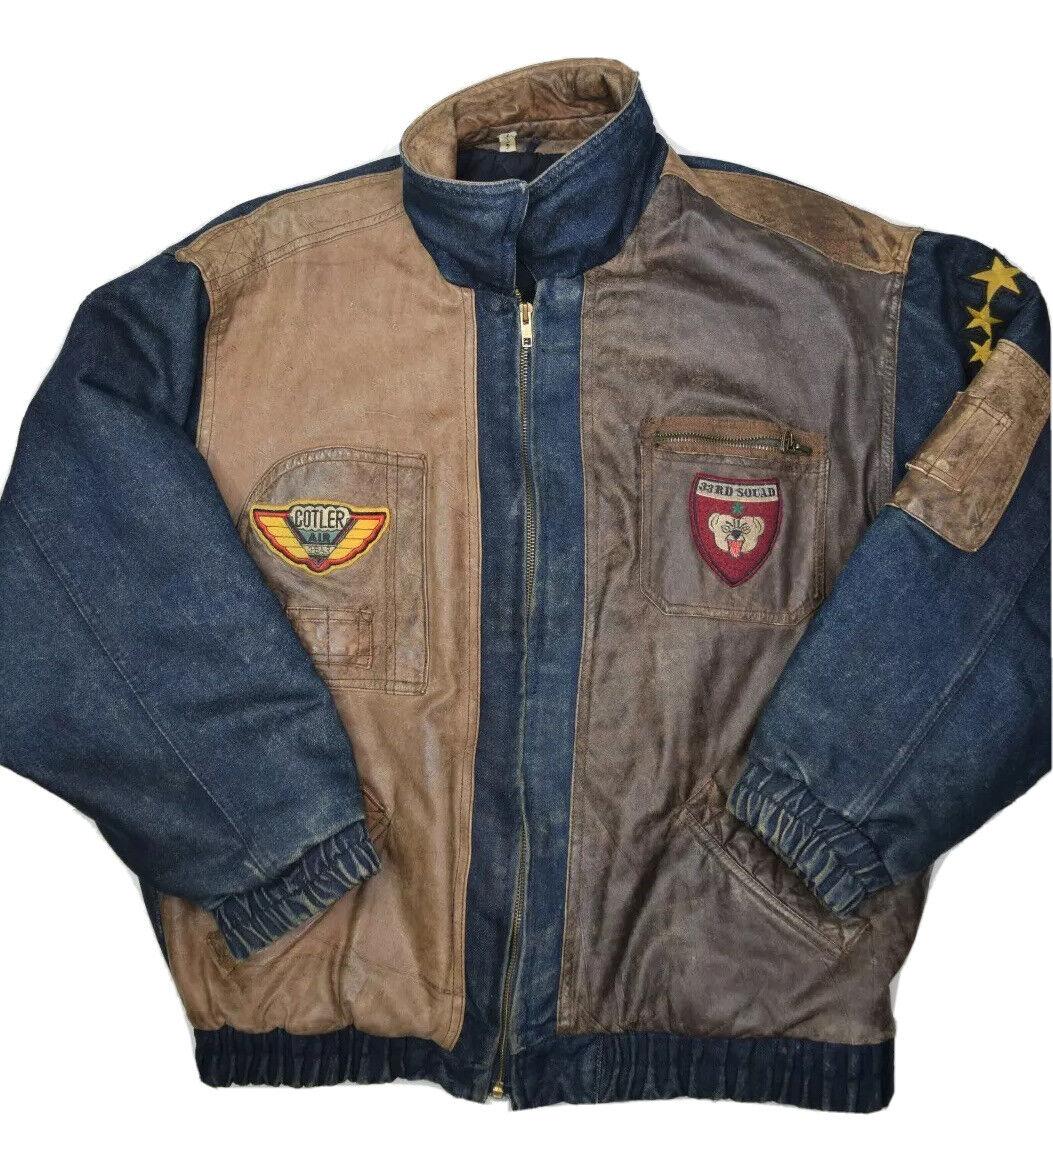 Vintage 1980/'s Cotler Short Black Jacket with Brown Specks Size 40